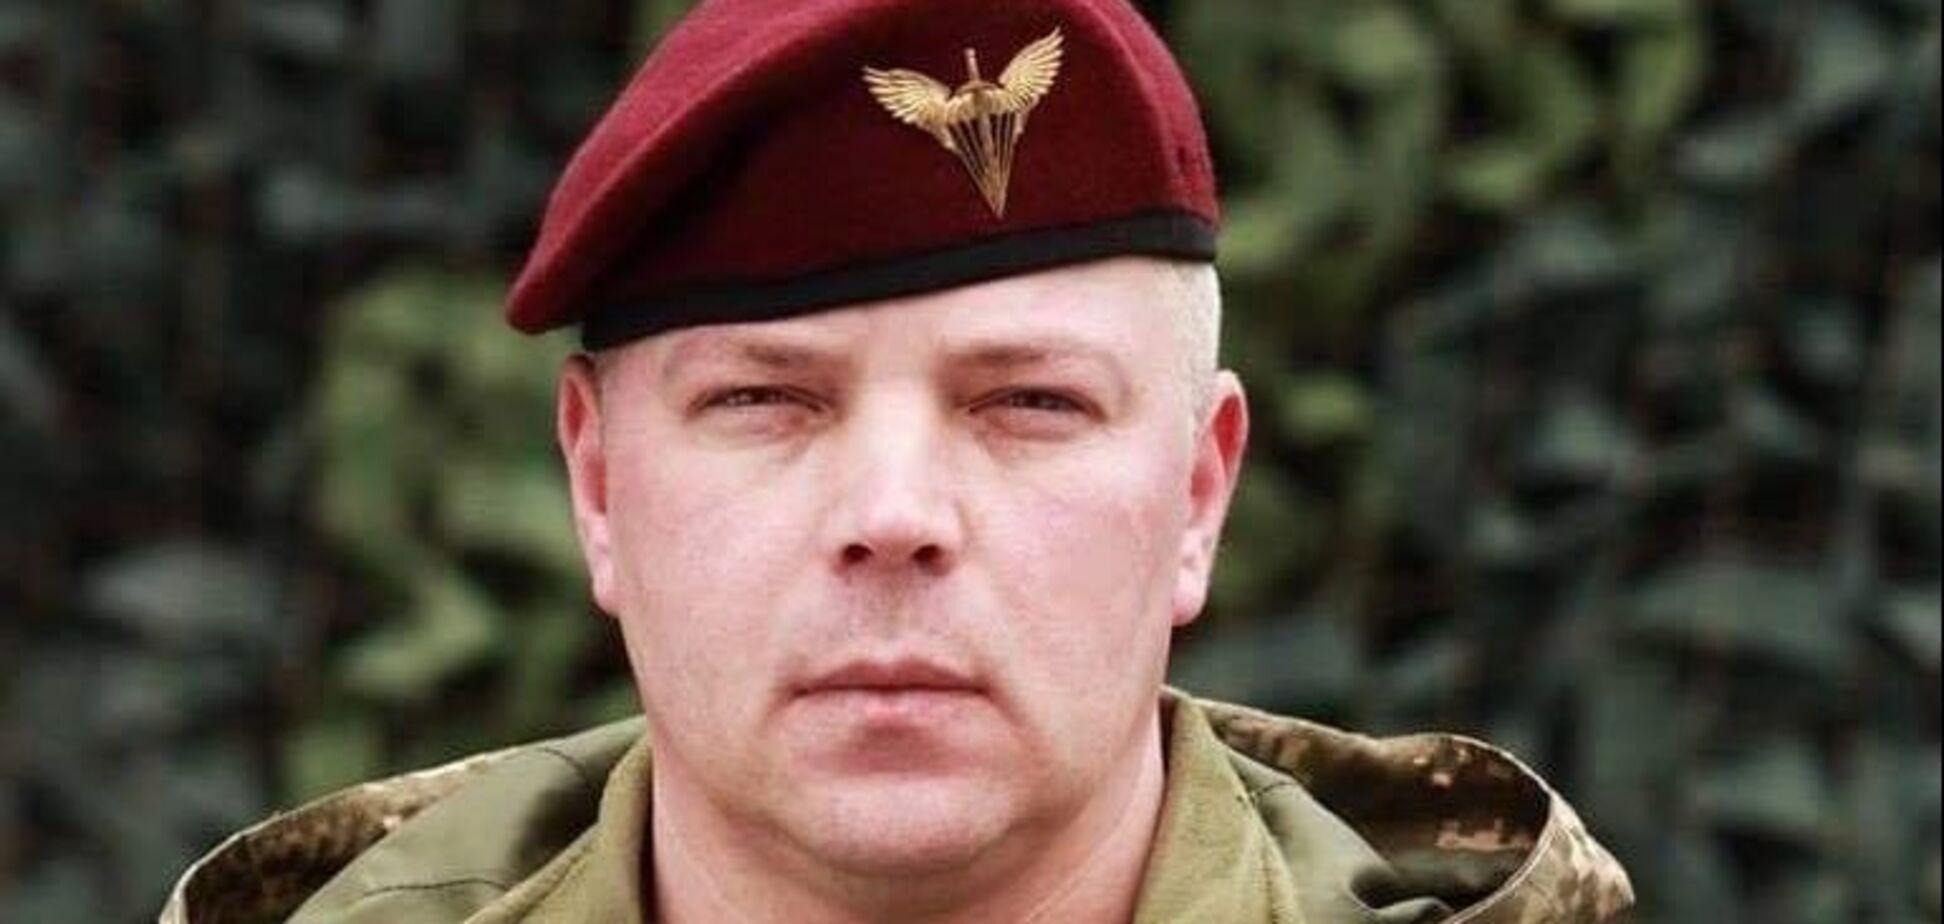 Генералу и командующему десантно-штурмовими войсками ВСУ Михаилу Забродскому исполнилось 48 лет